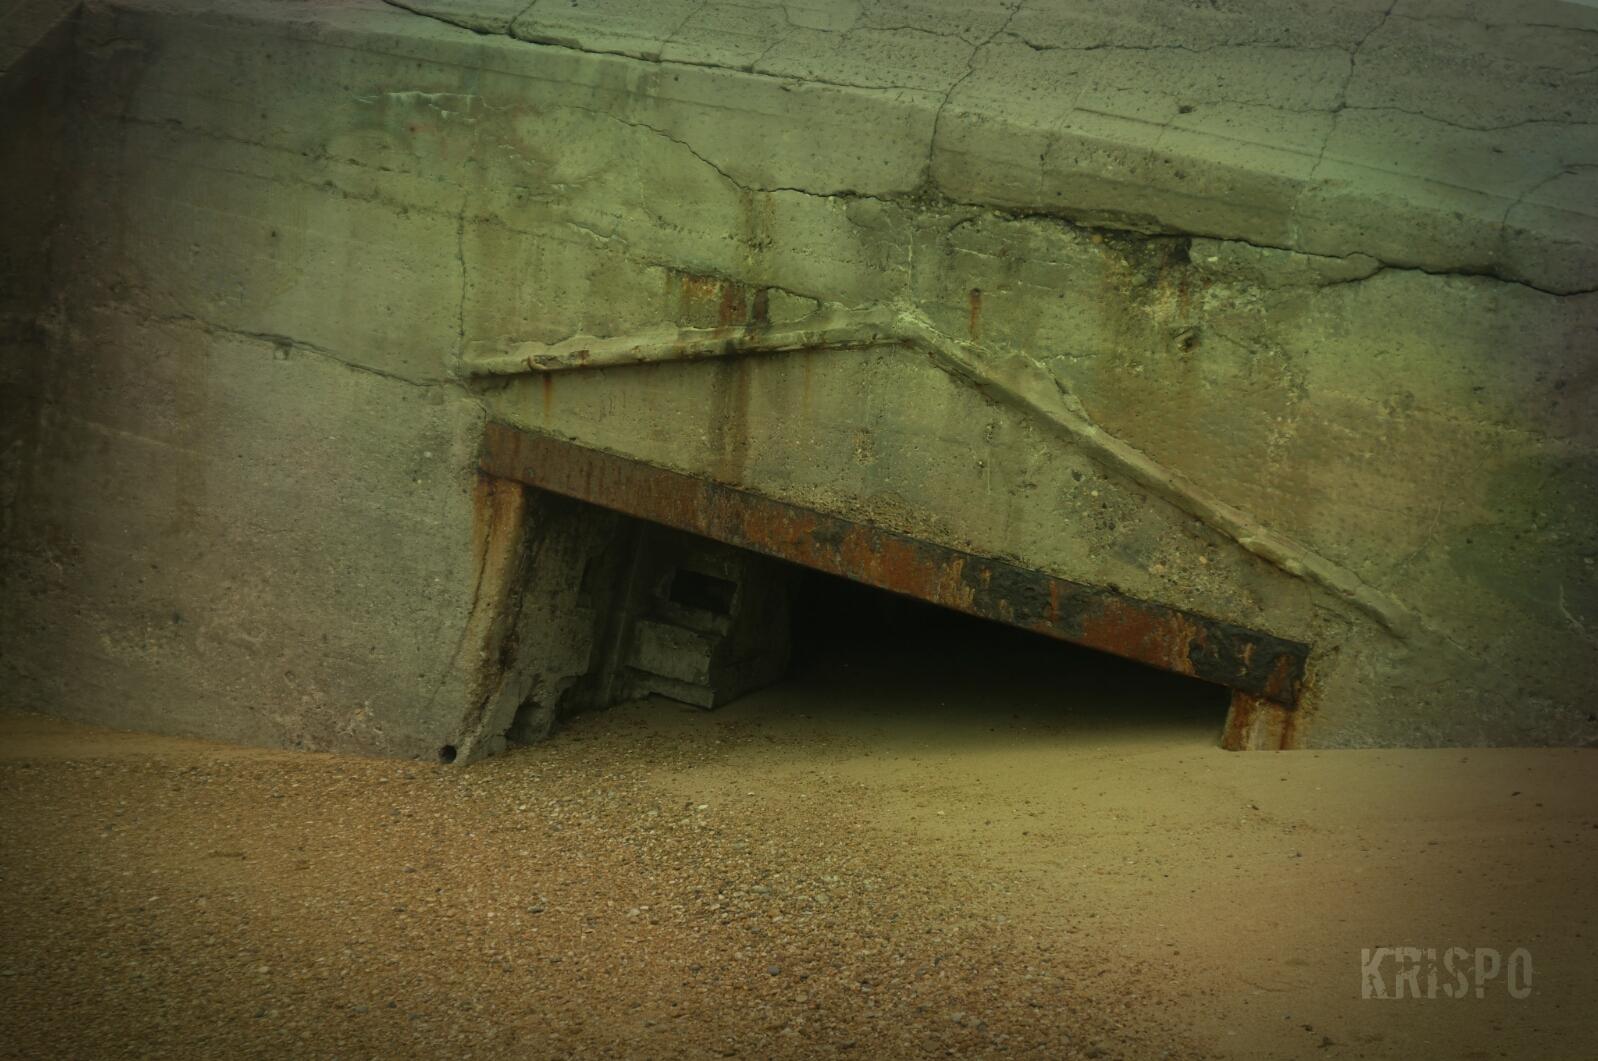 detalle de bunker semienterrado en playa de las landas